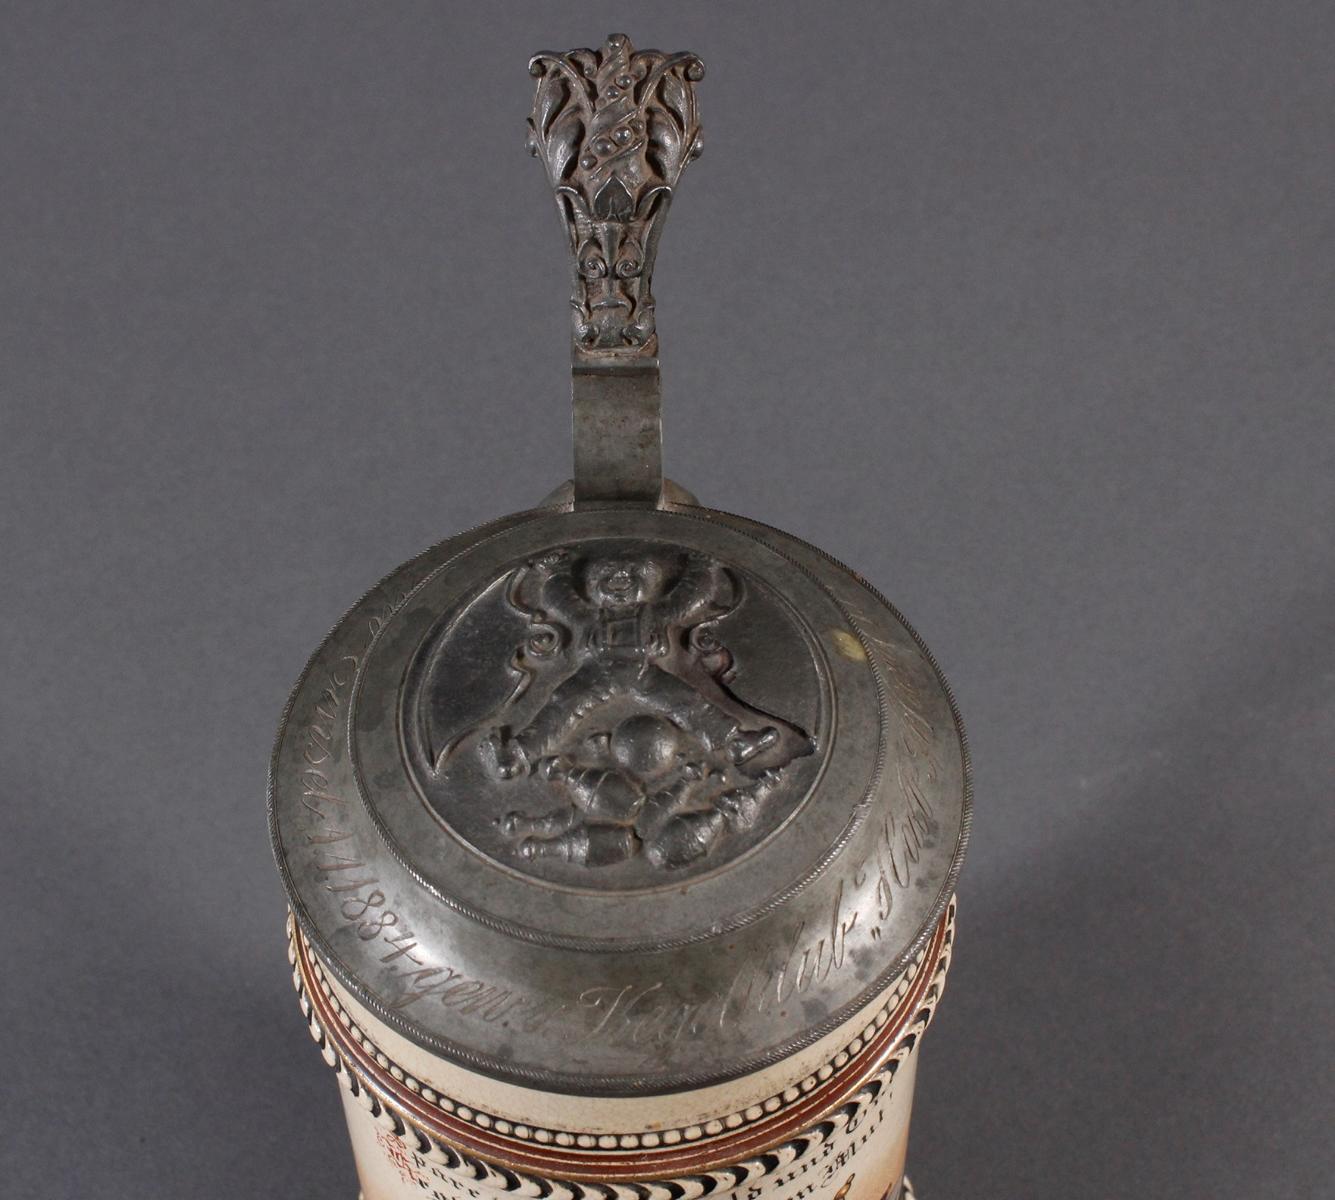 2 Keramikkrüge um 1900, Kegeln und Gewerbeausstellung-3